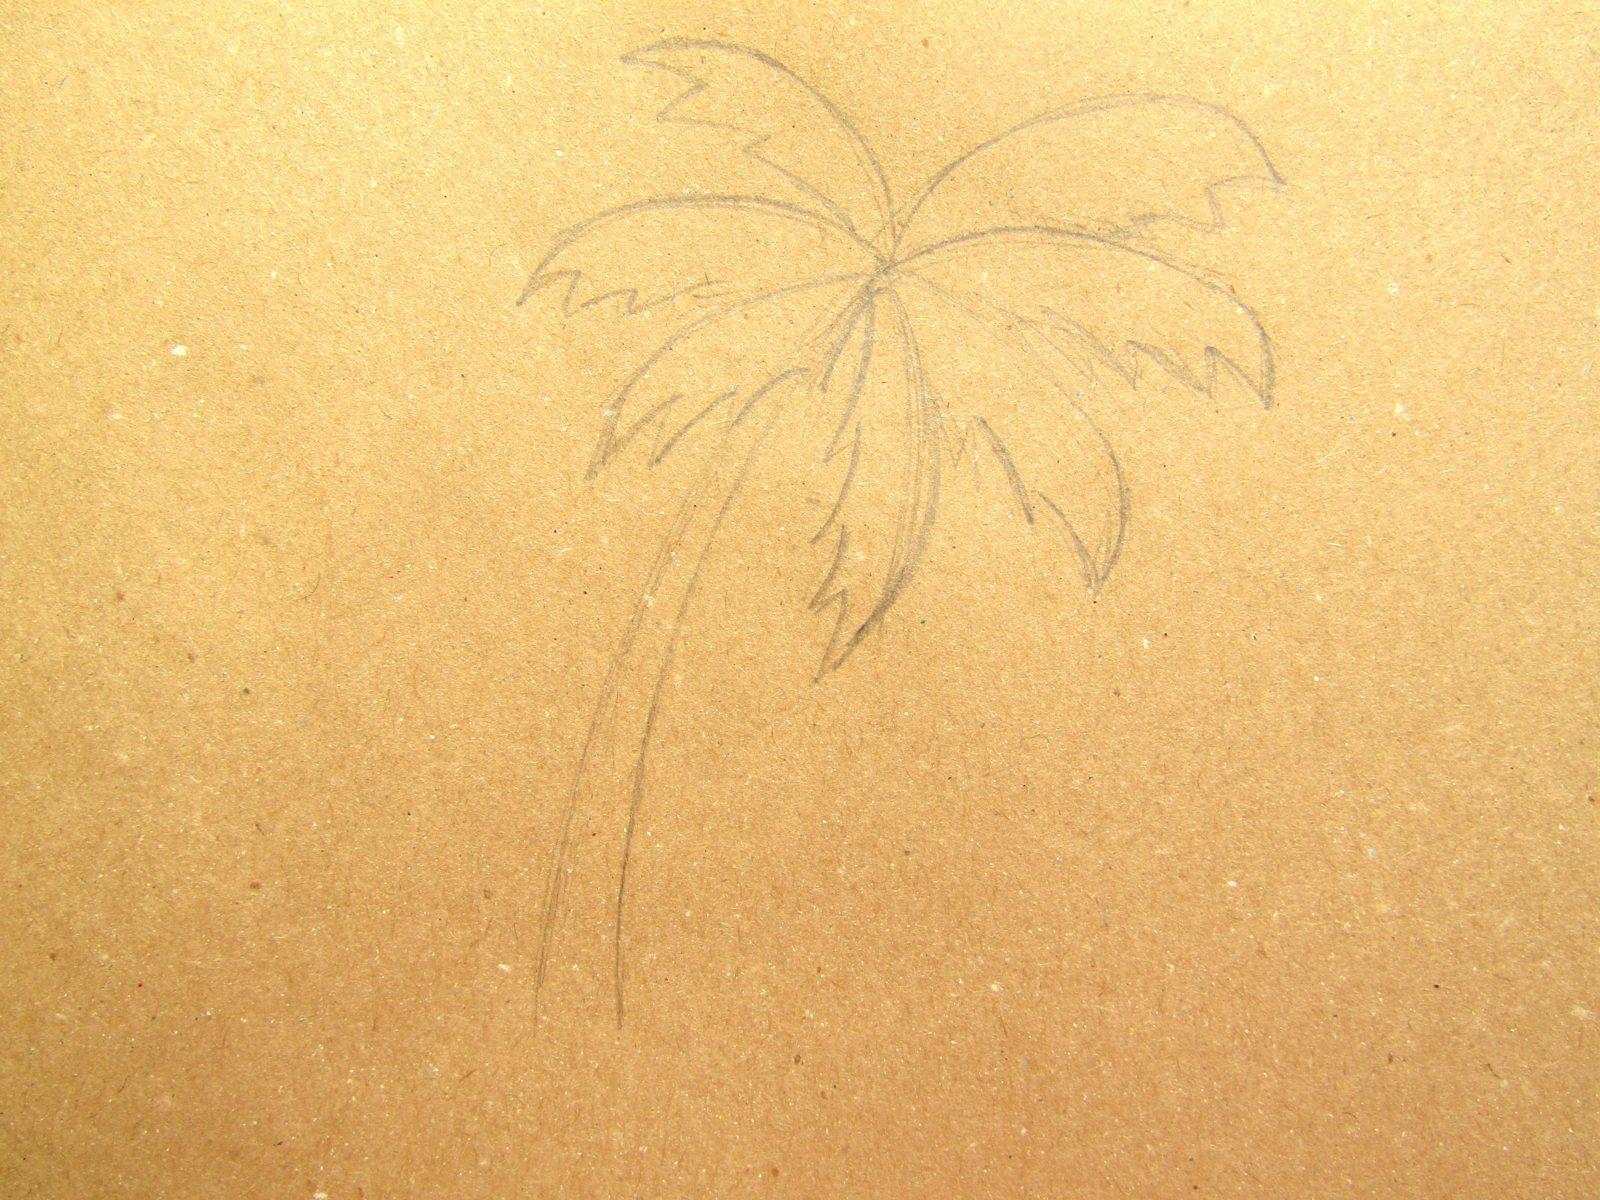 Пальма на крафт-бумаге - 4